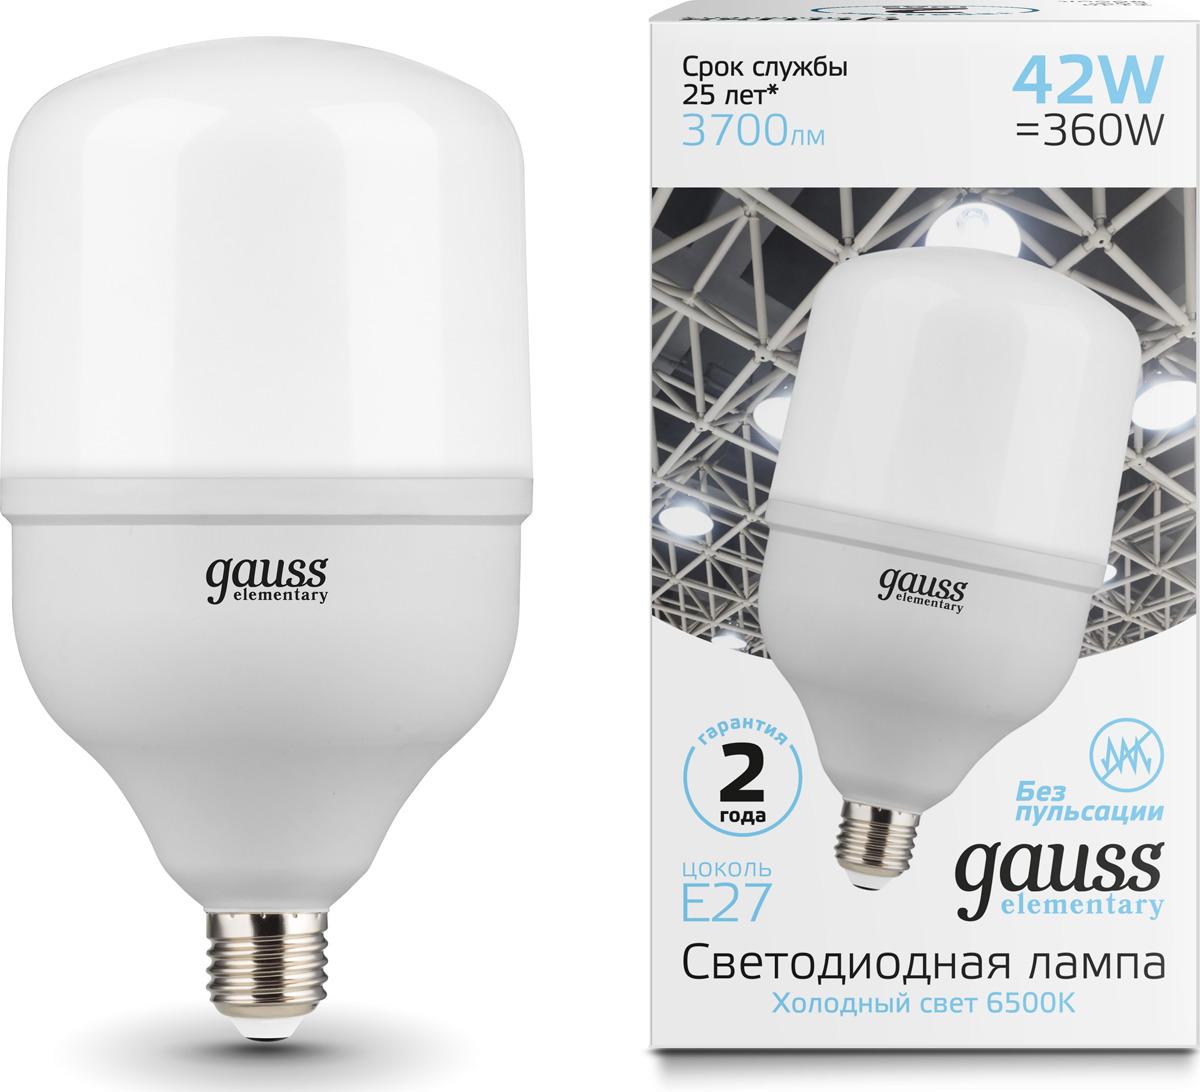 Лампочка Gauss Elementary LED, T120, E27, 42W. 63234